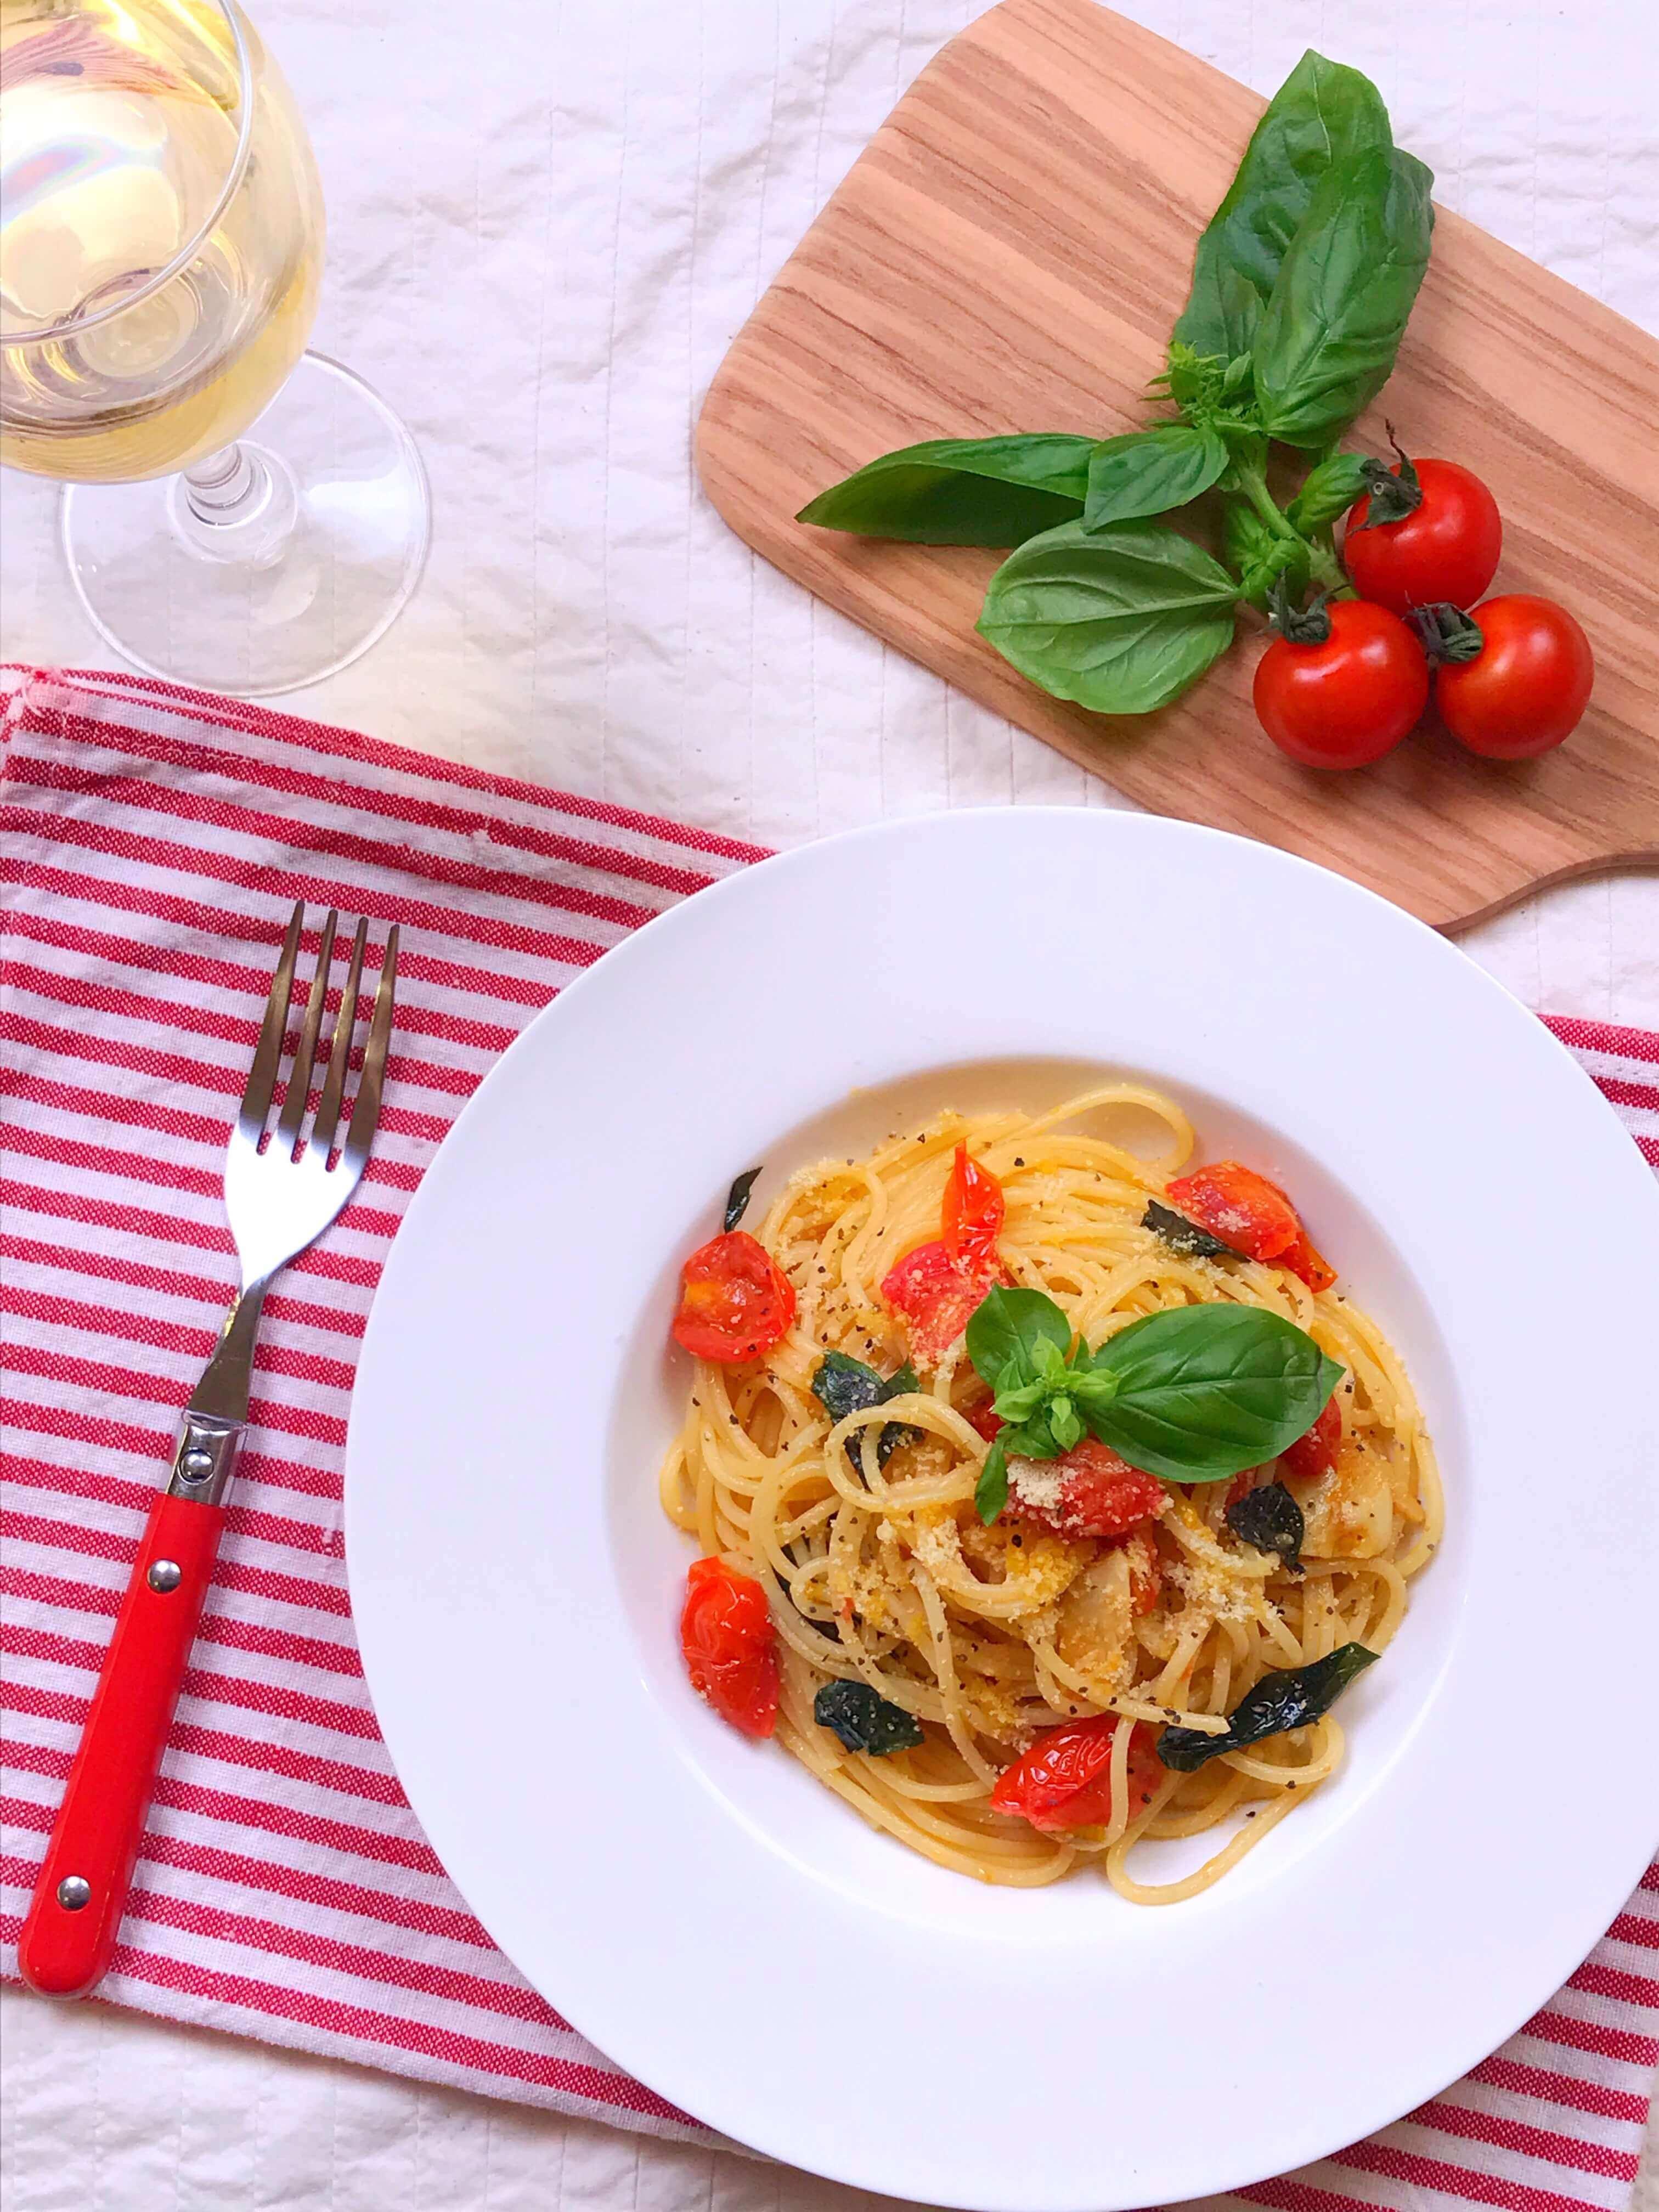 【簡単!おいしい!】トマトとバジルのパスタのレシピ